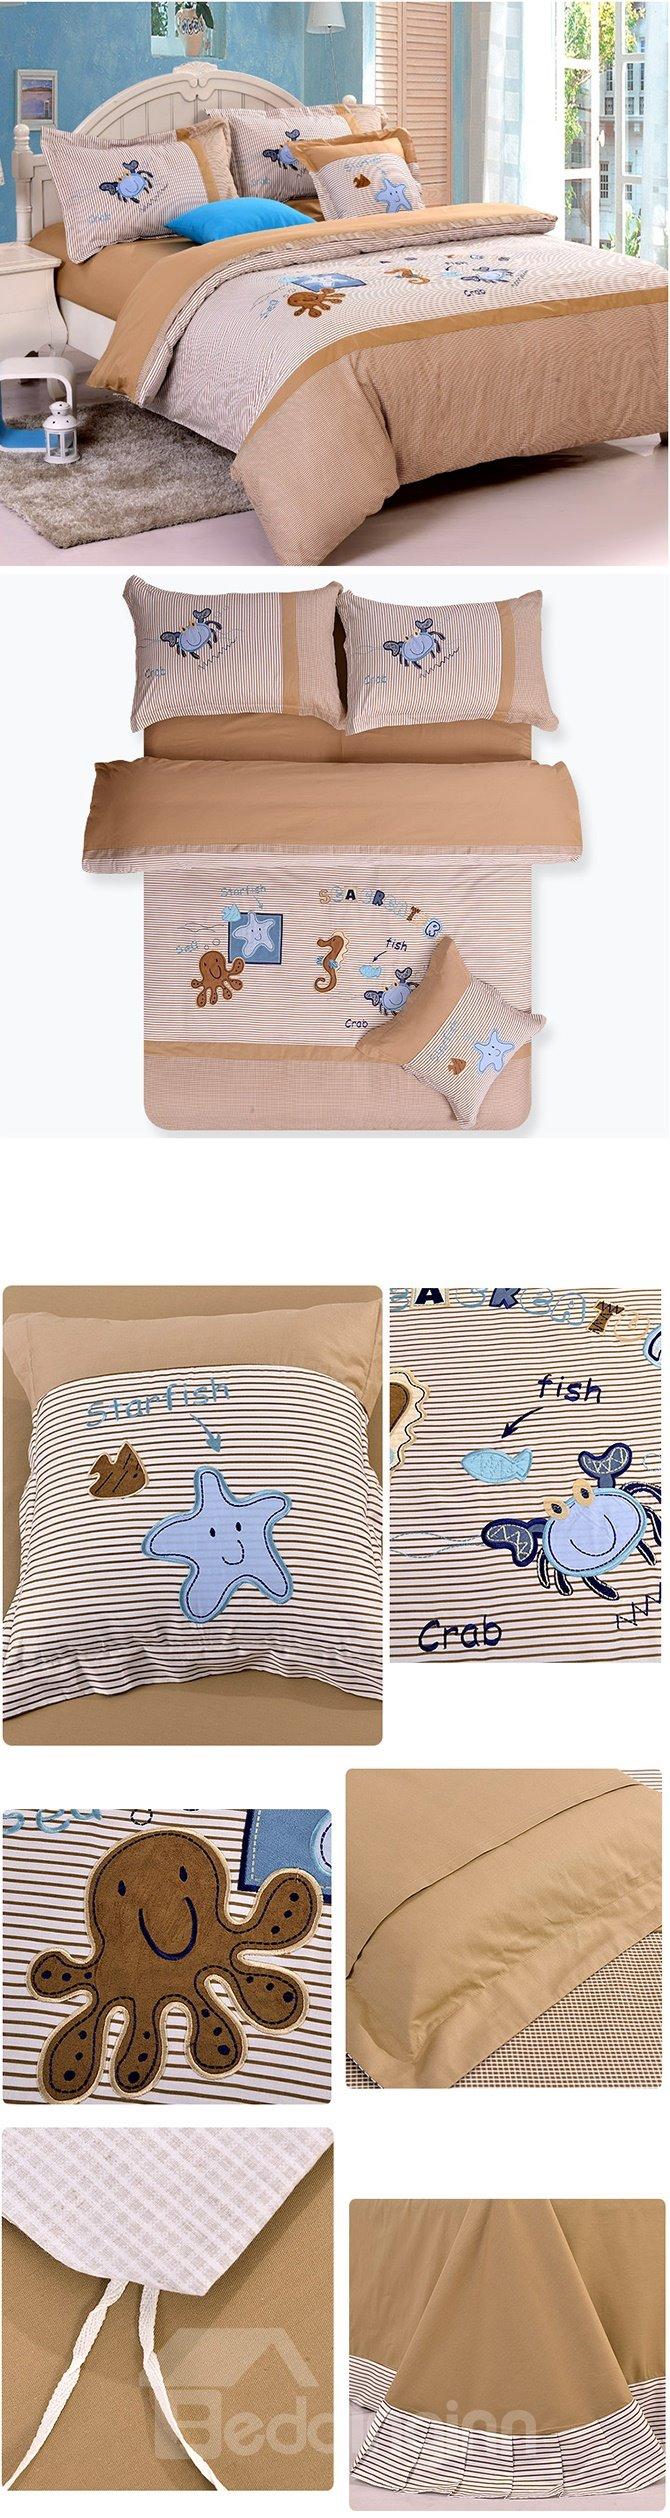 100% Cotton Lovely Bottom of The Ocean Print Kids Duvet Cover Set